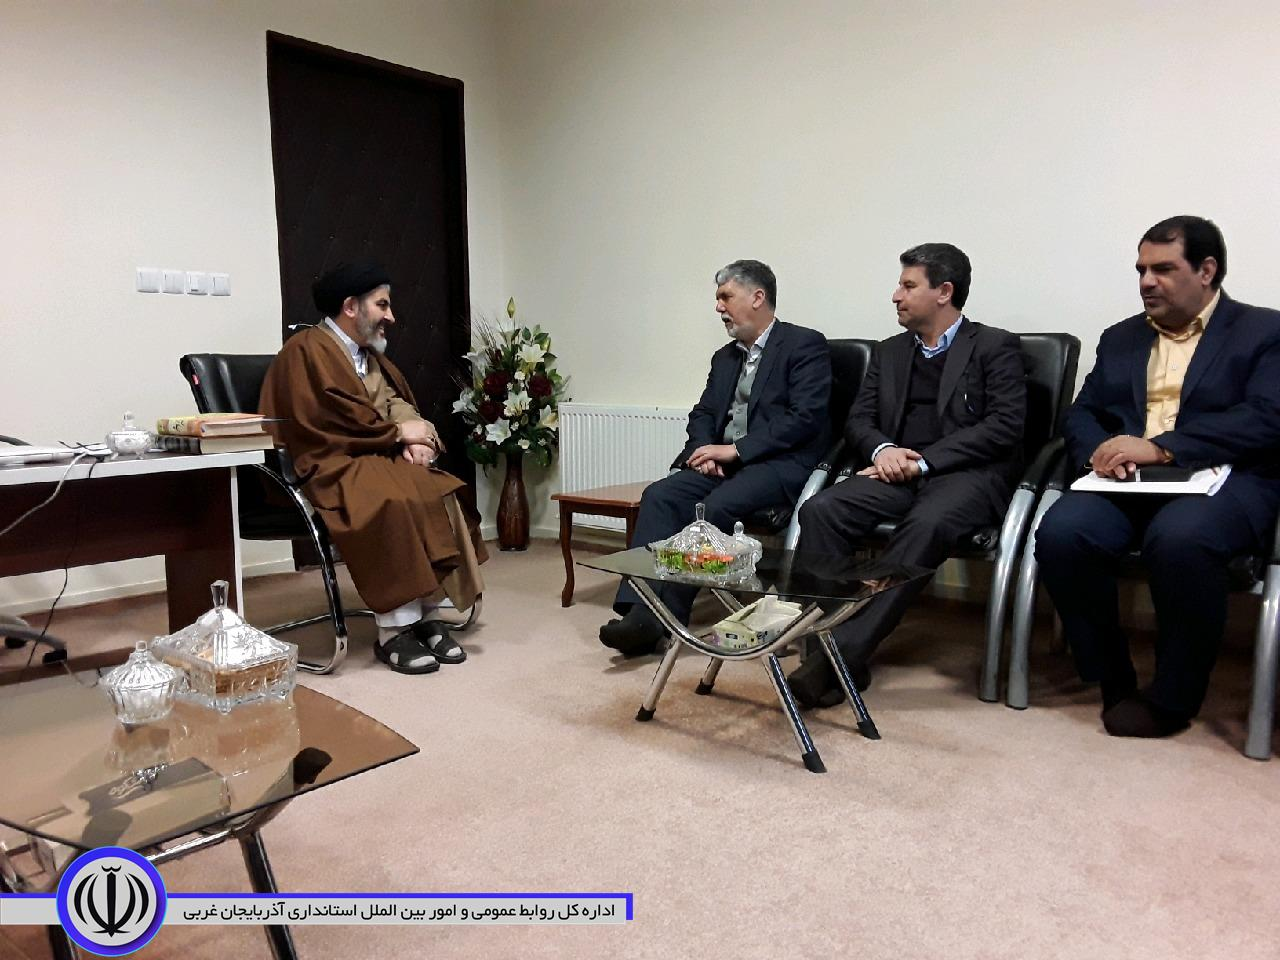 دیدار وزیر فرهنگ و ارشاد اسلامی و استاندار آذربایجان غربی با نماینده ولی فقیه در استان